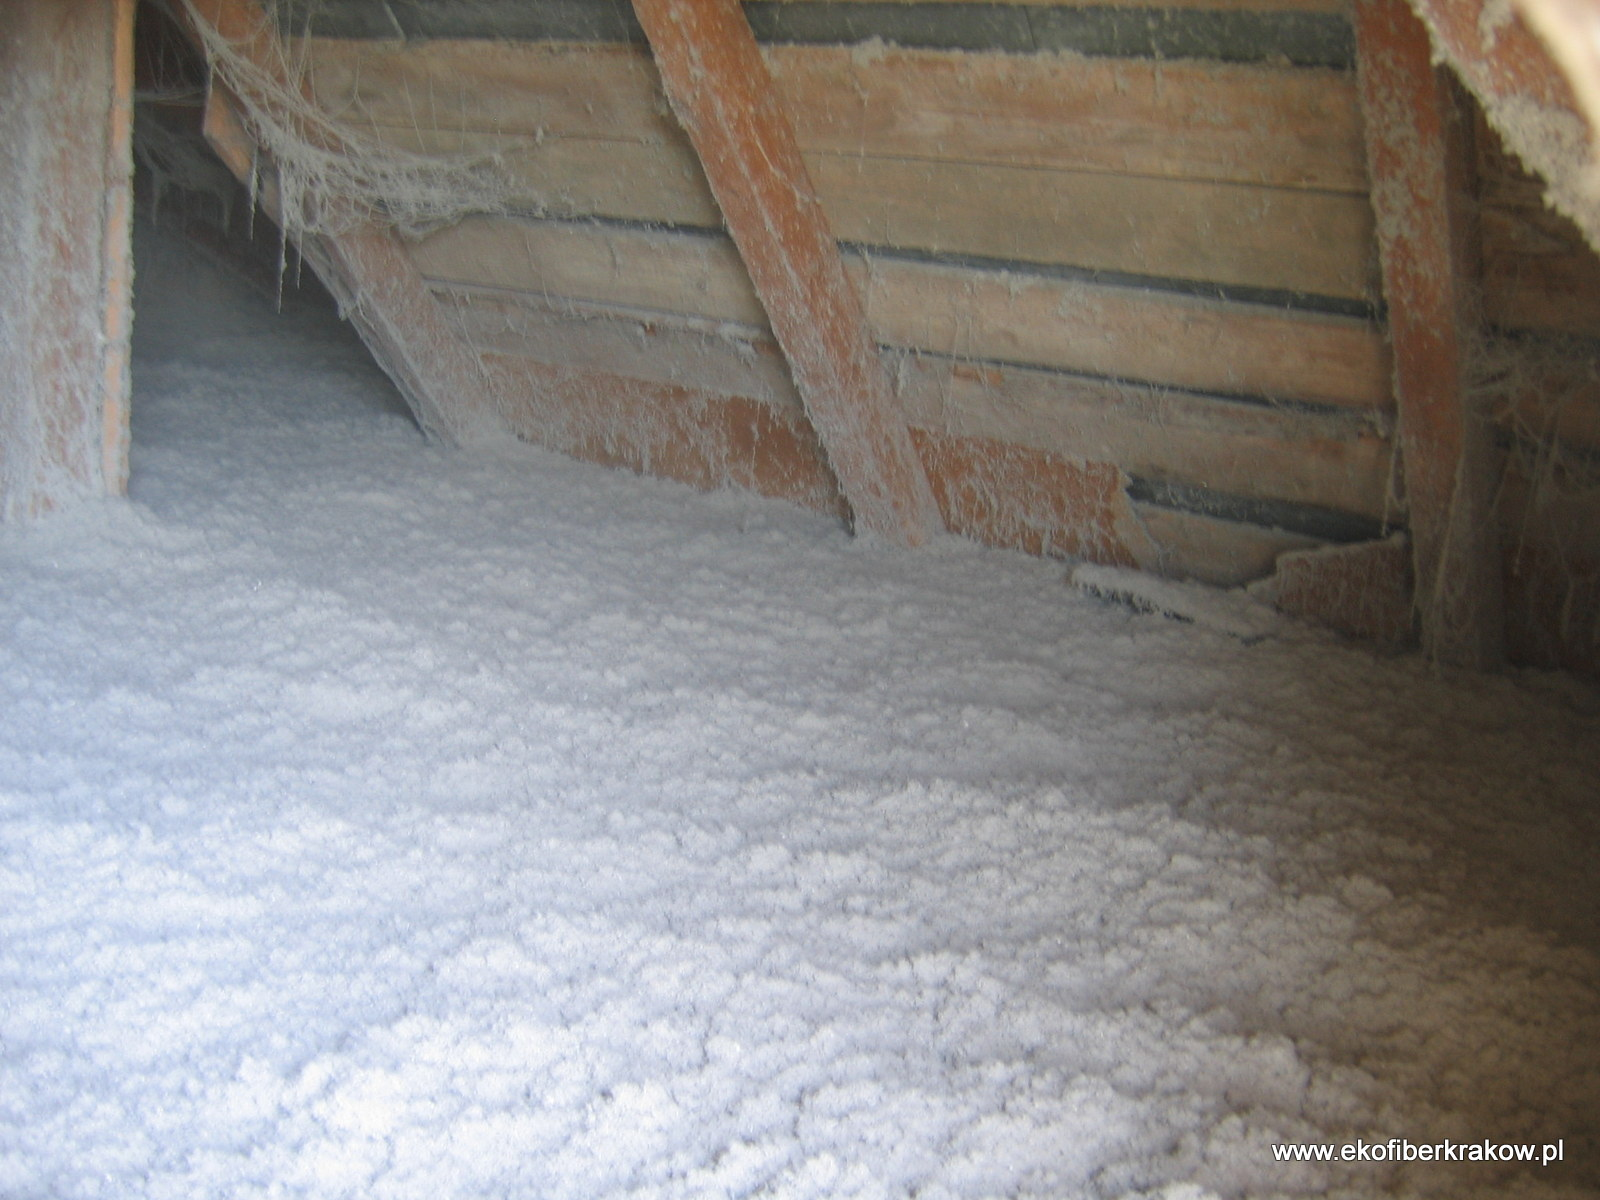 Gotowa izolacja podłogi poddasza nieużytkowego wykonana granulatem Ekofiber